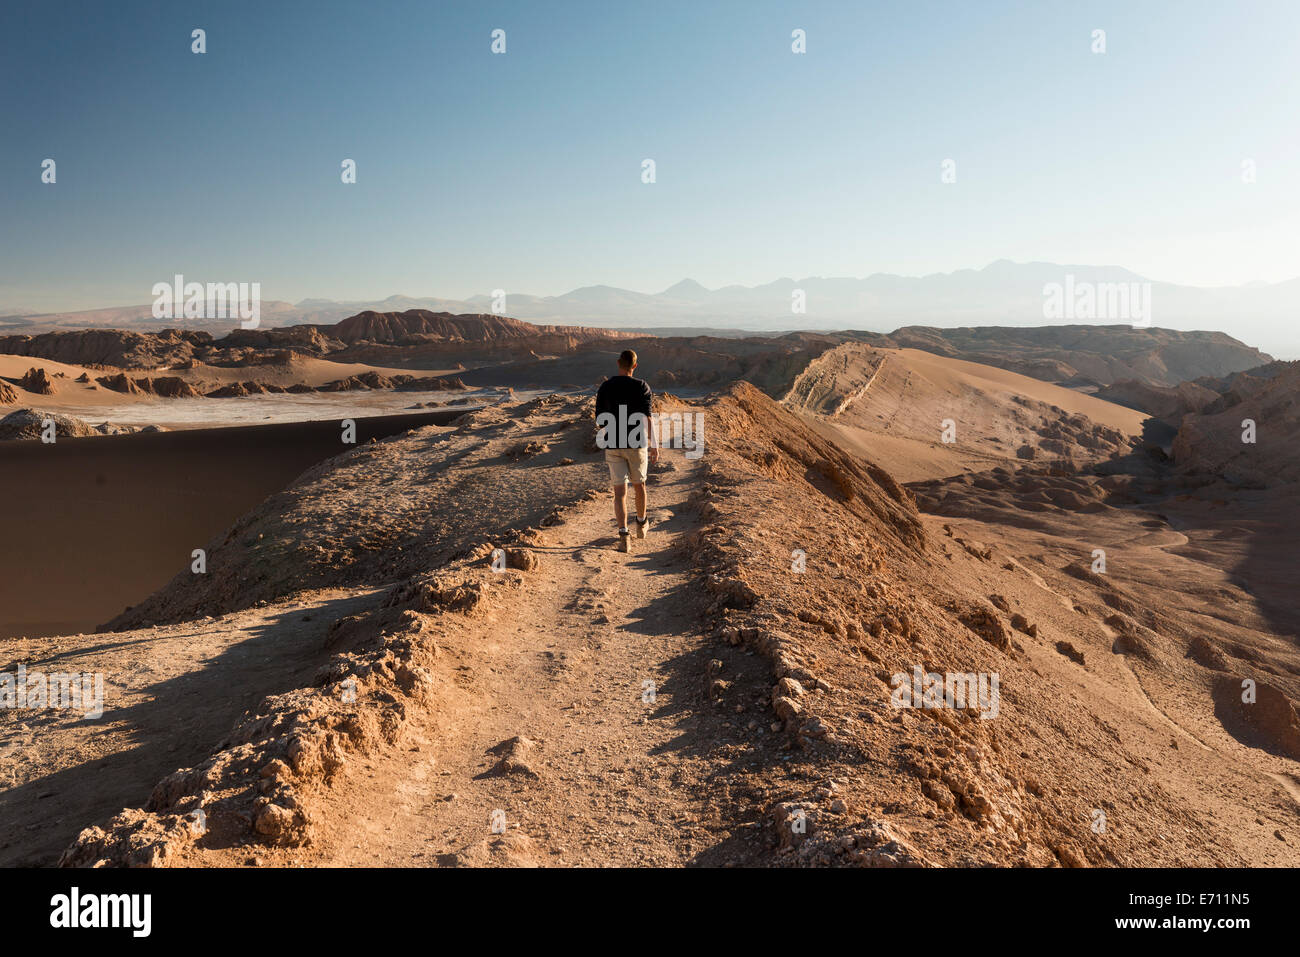 Homme randonnée, Sand Dune Duna (Maire), Valle de la Luna (vallée de la lune), Désert d'Atacama, Photo Stock